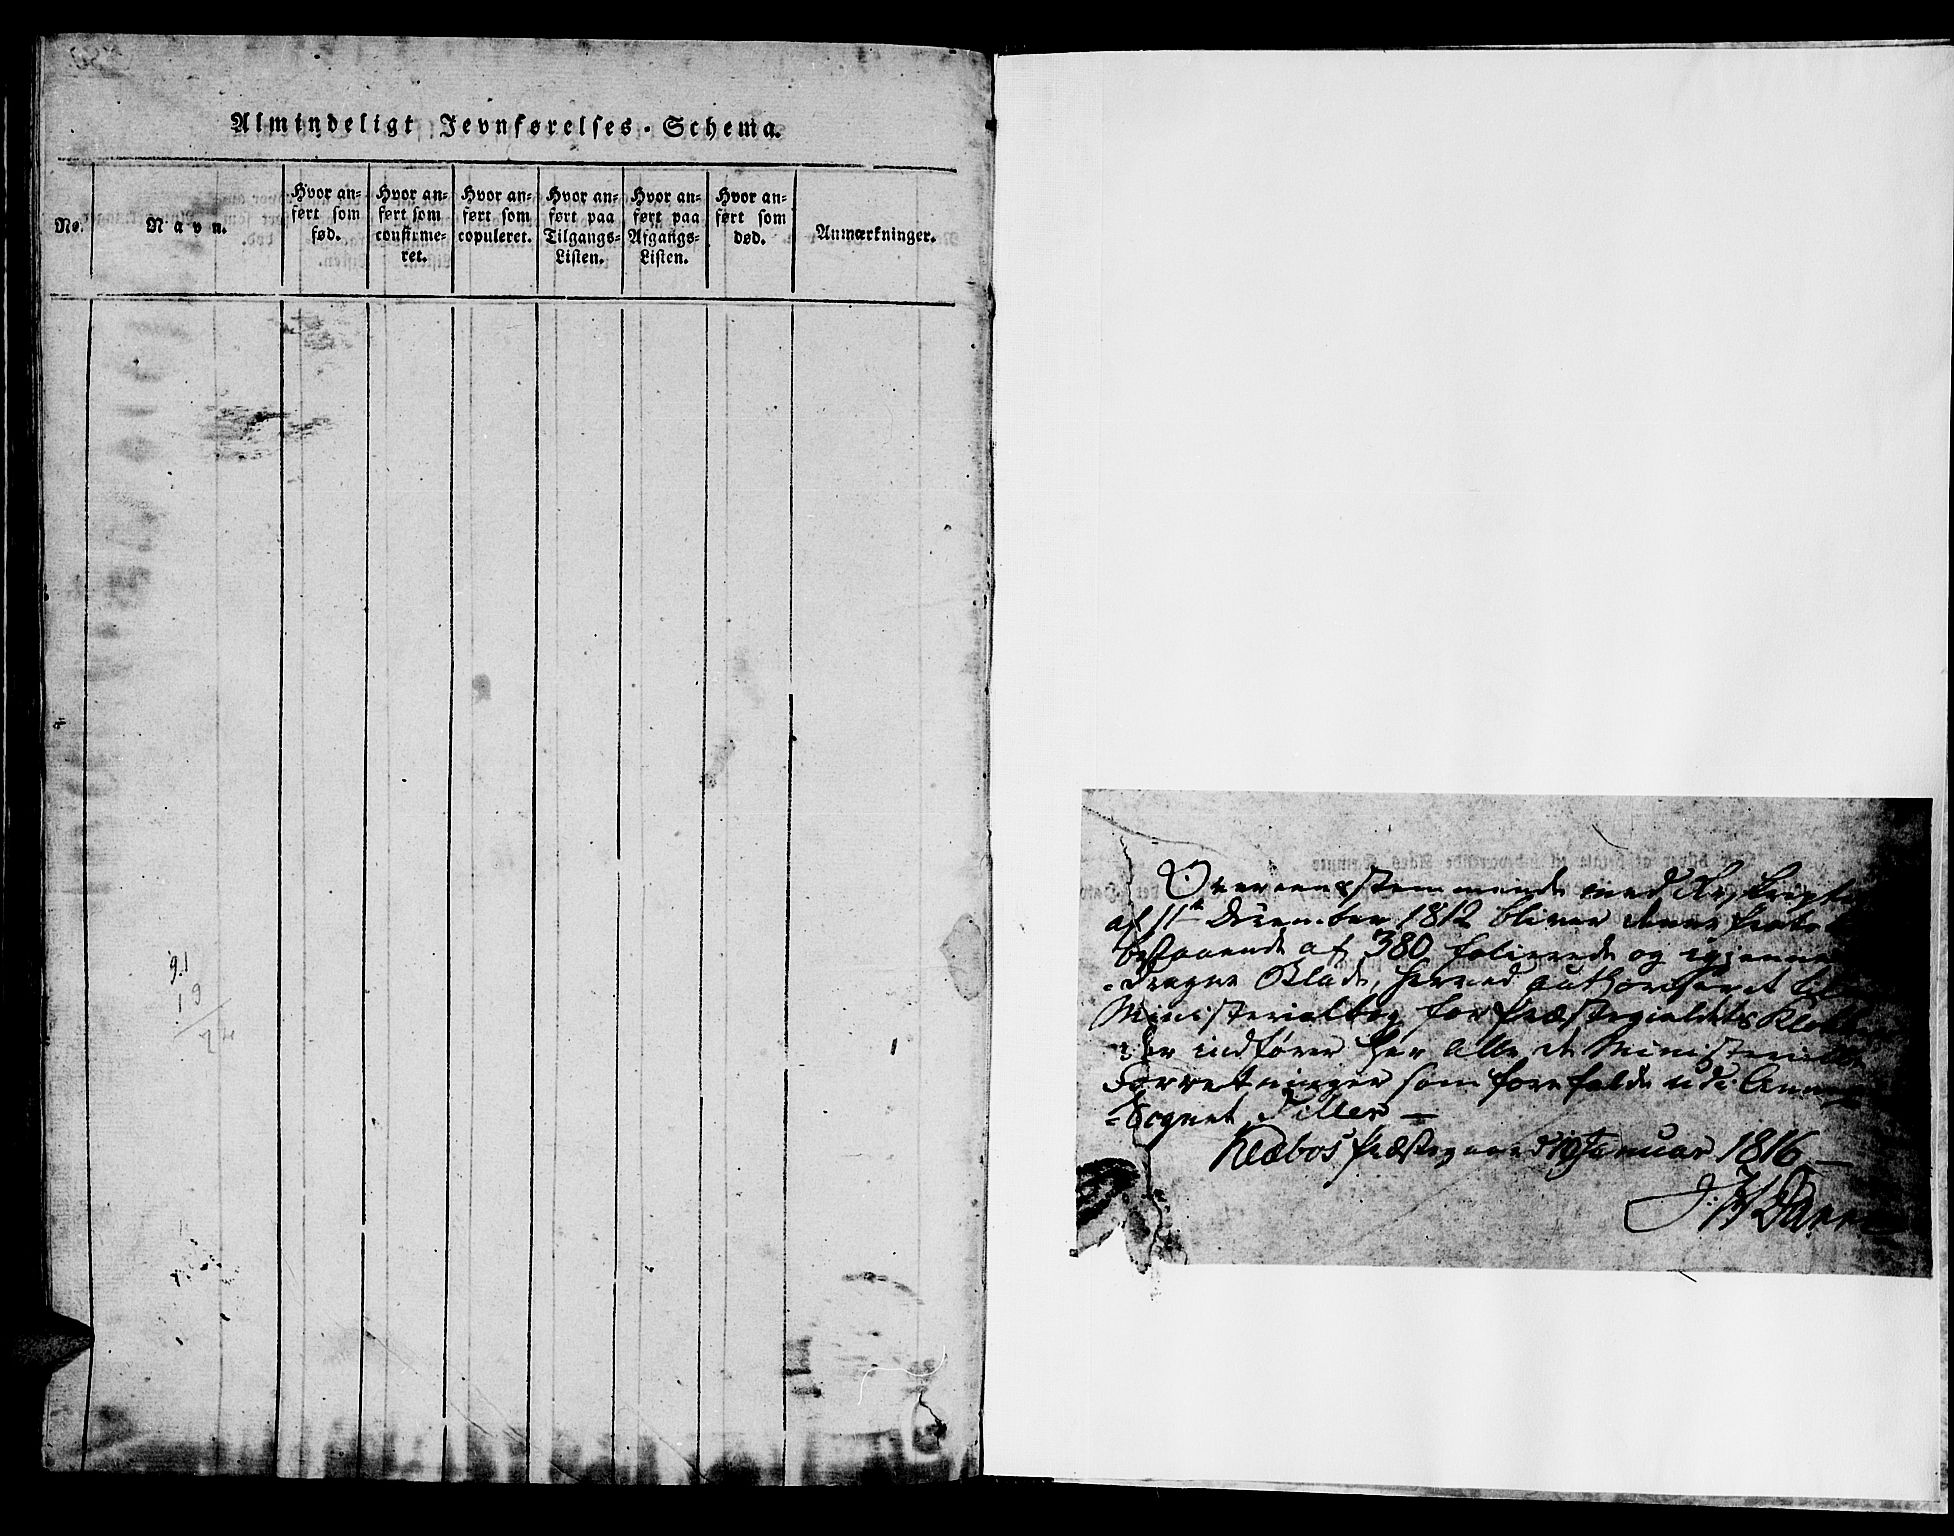 SAT, Ministerialprotokoller, klokkerbøker og fødselsregistre - Sør-Trøndelag, 621/L0458: Klokkerbok nr. 621C01, 1816-1865